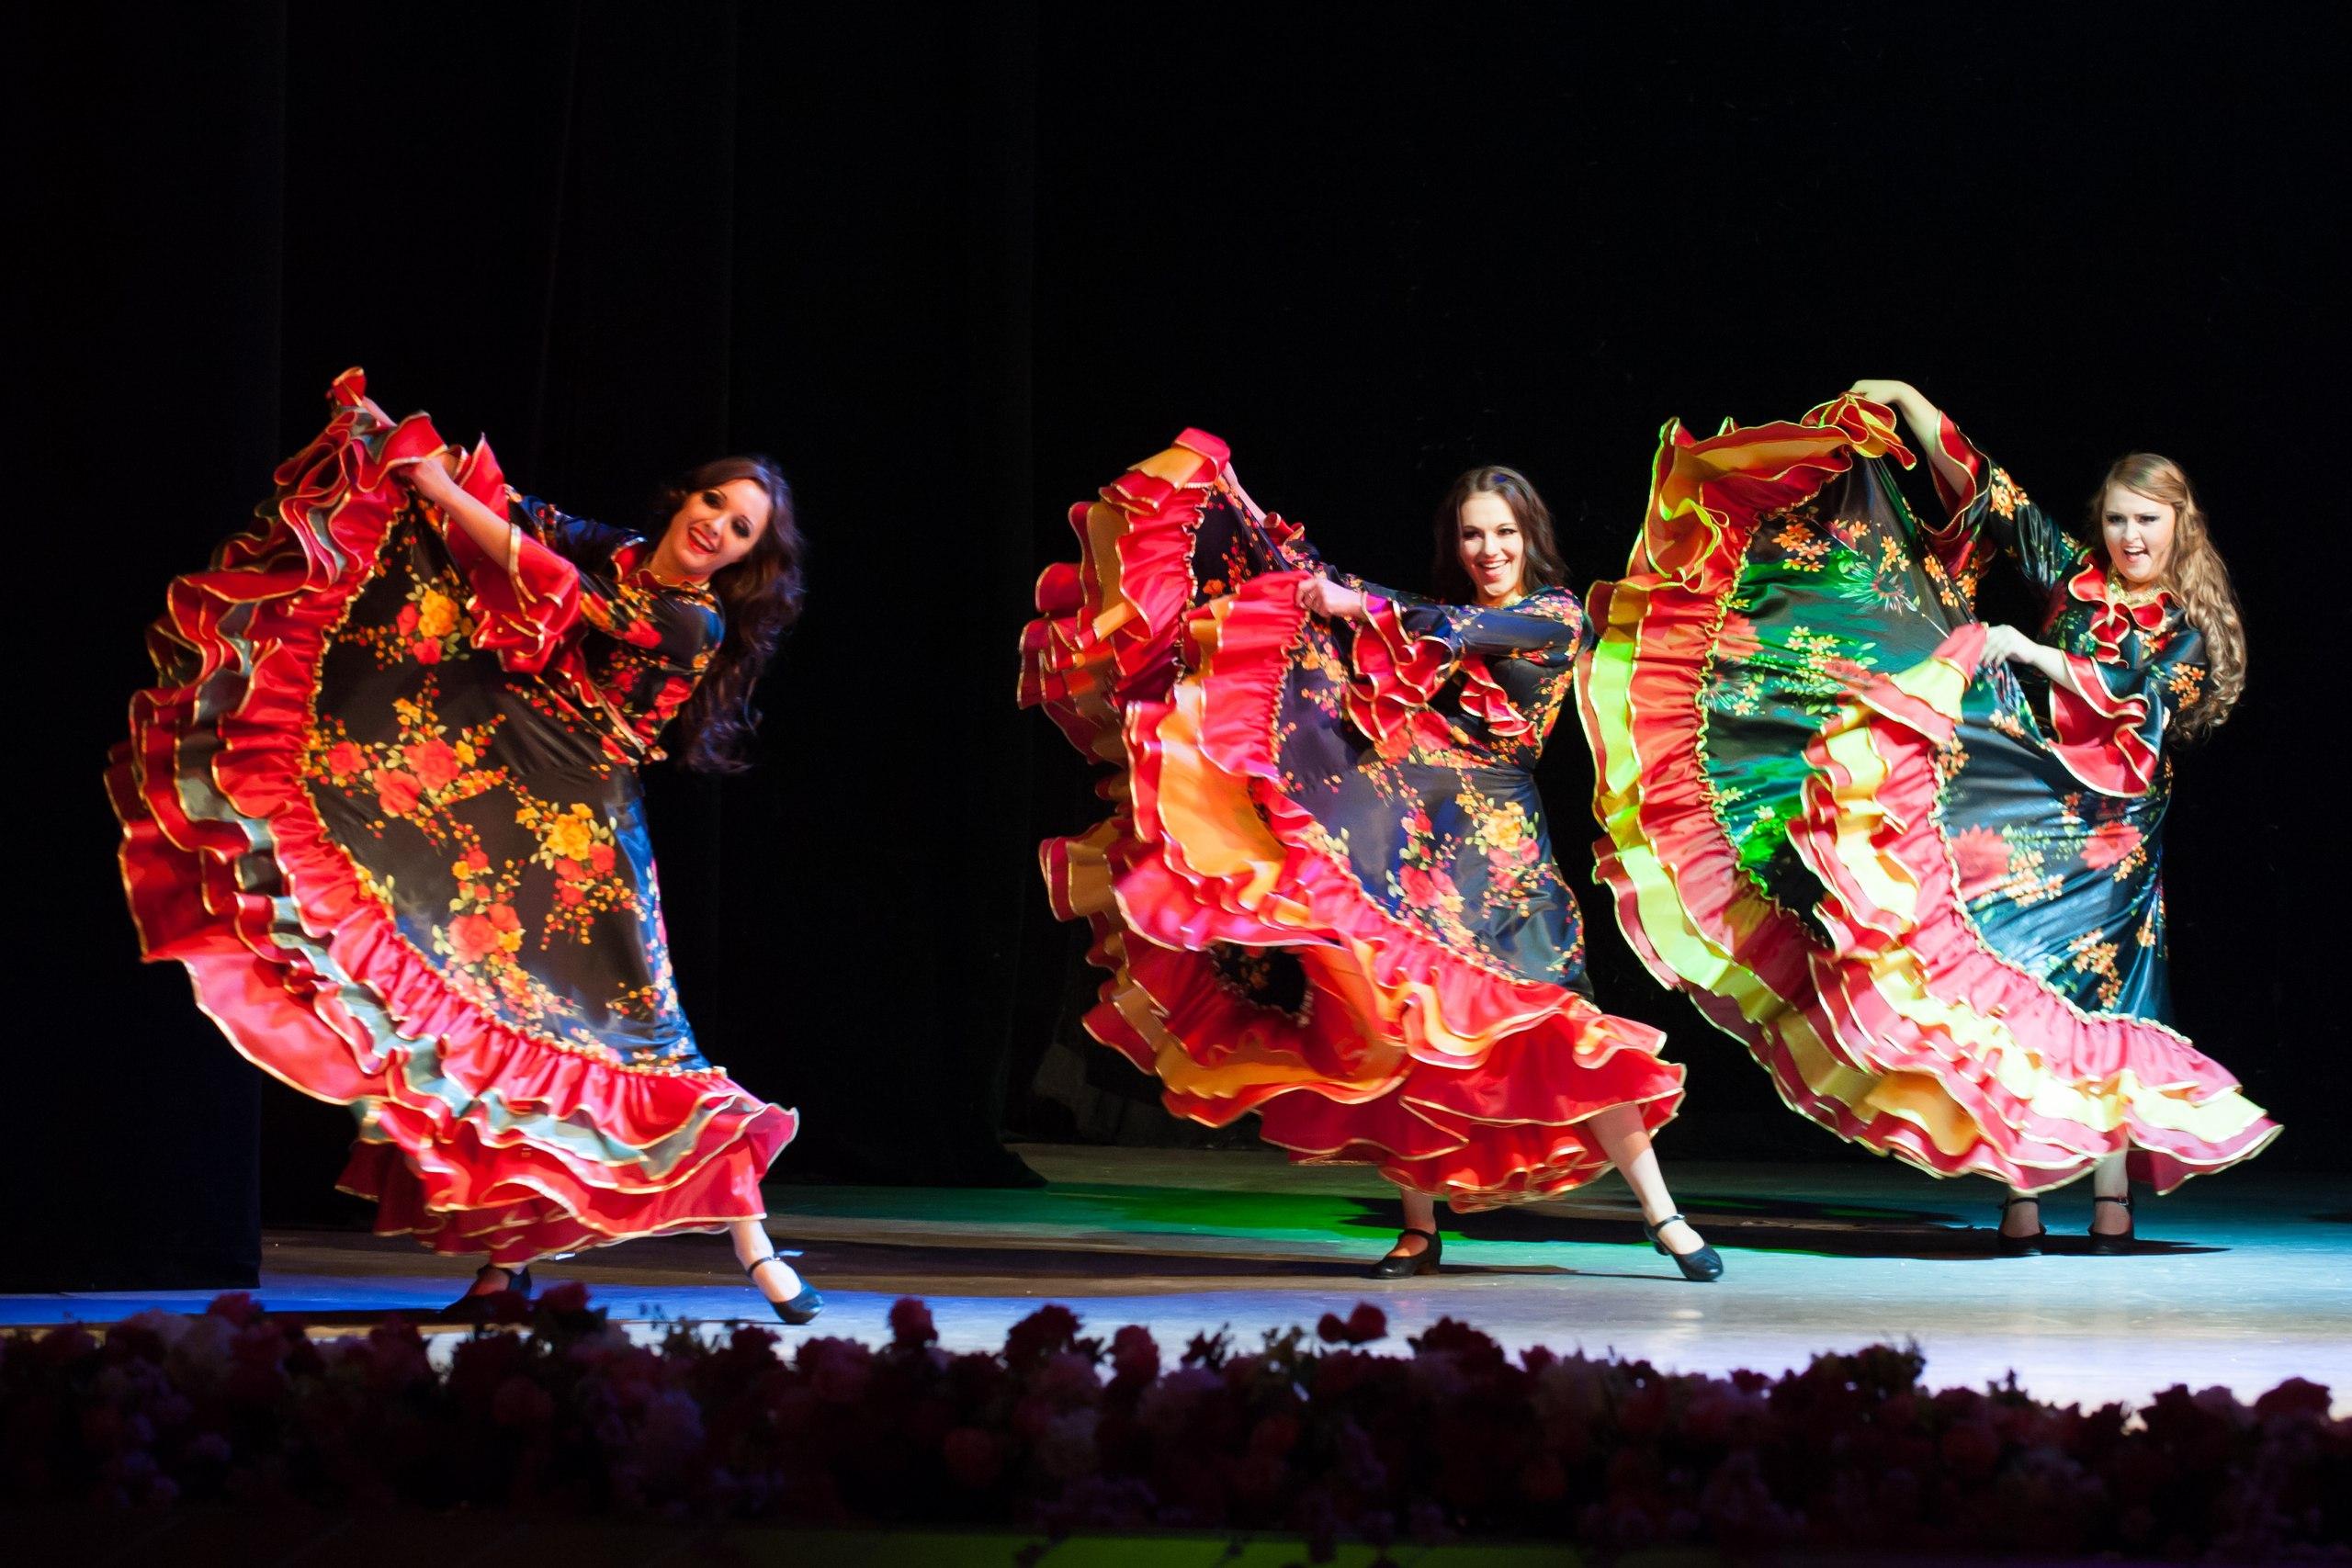 называется танец цыган картинки чего должен состоять